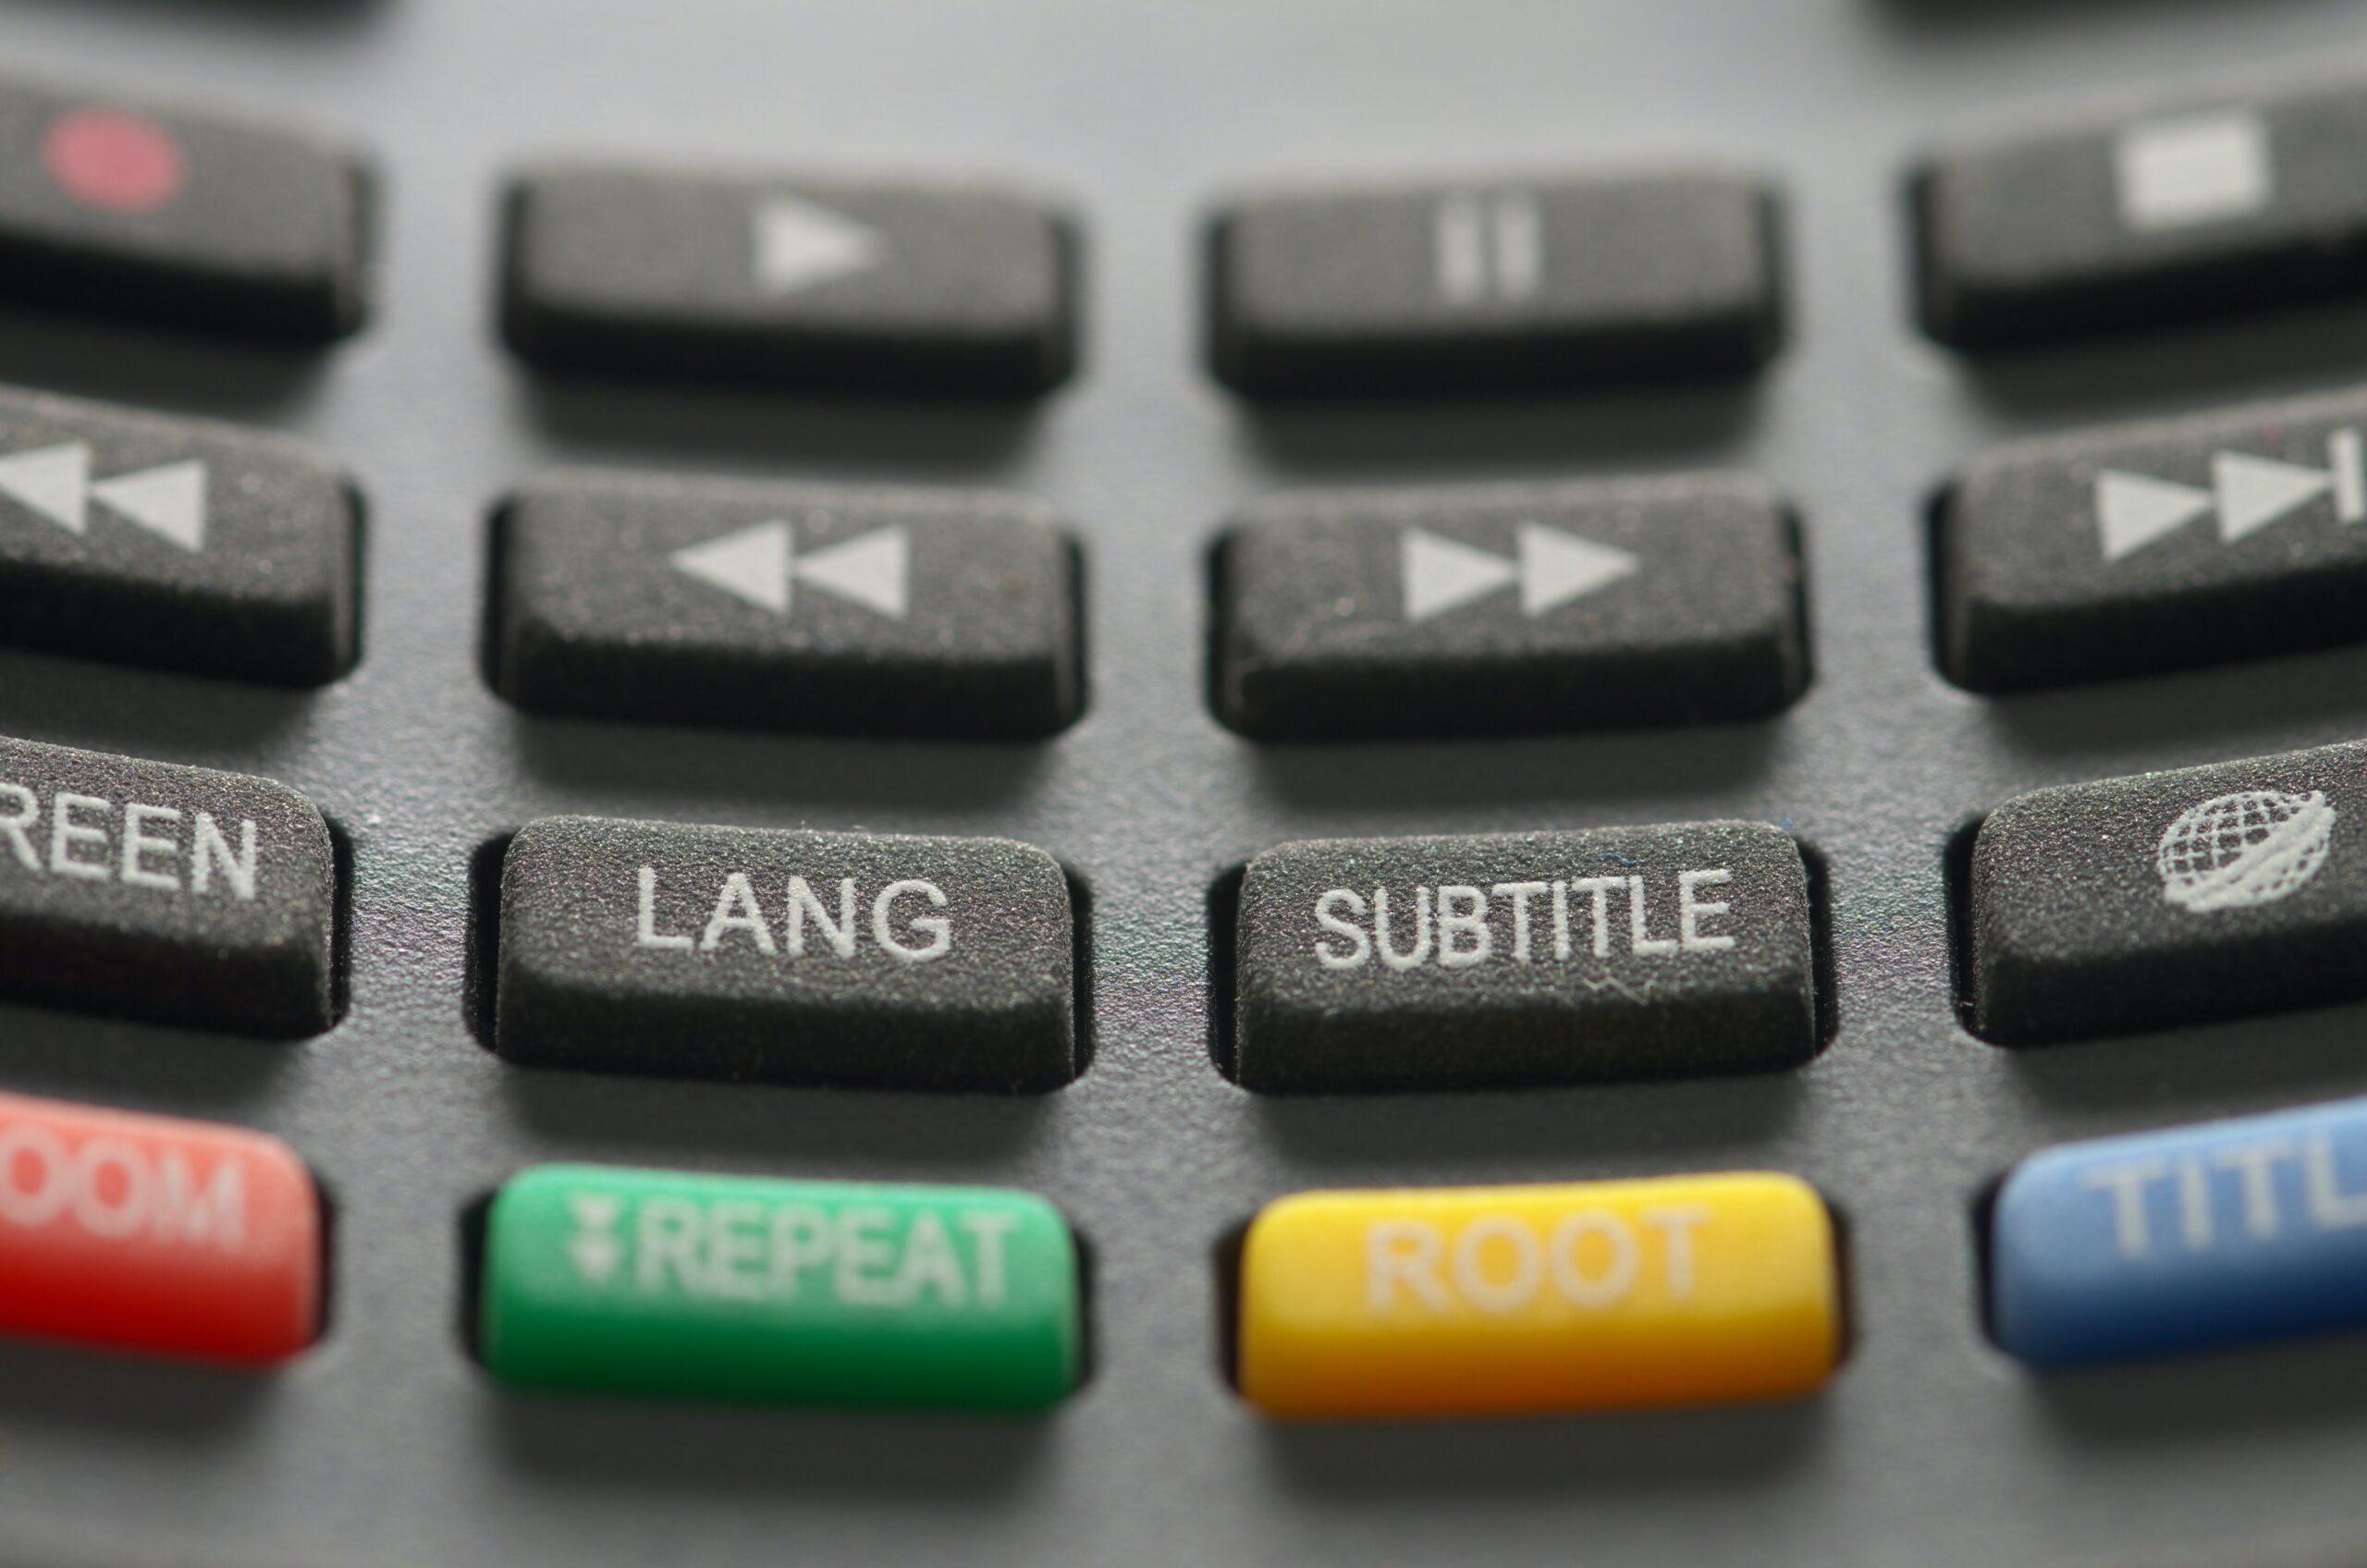 動画配信サービスで英語字幕で視聴できるのはどこ日本語の字幕でも視聴できるか合わせて解説